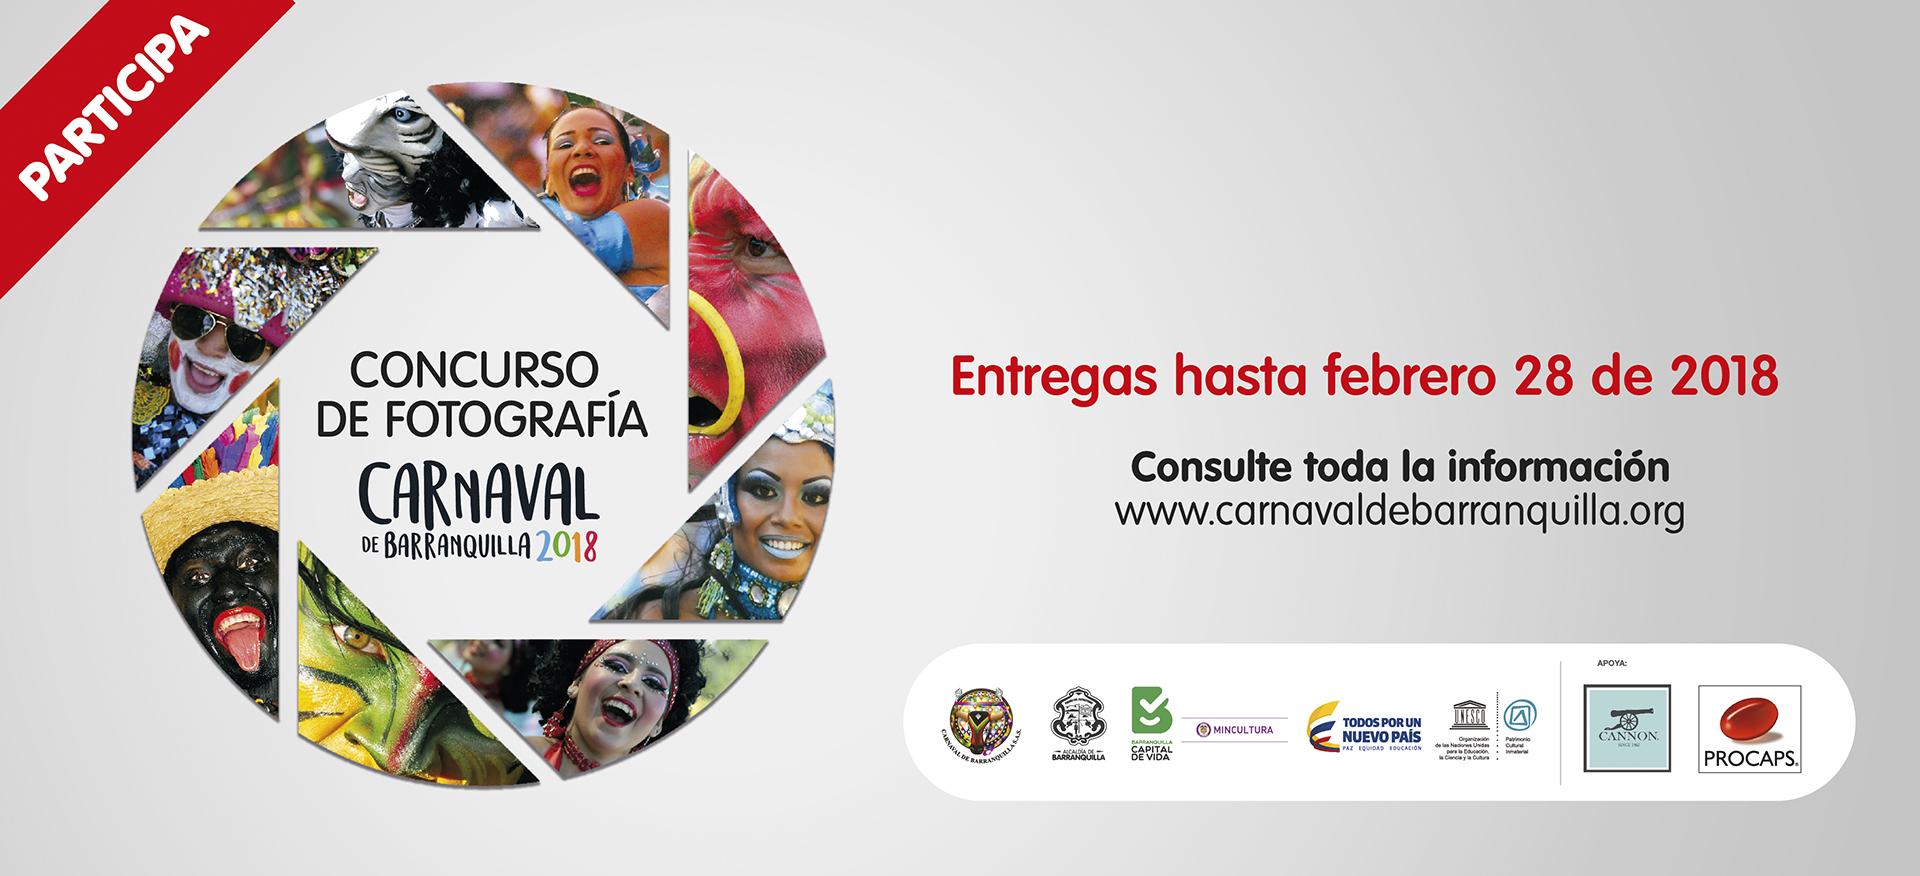 Concurso fotografías del Carnaval de Barranquilla 2018